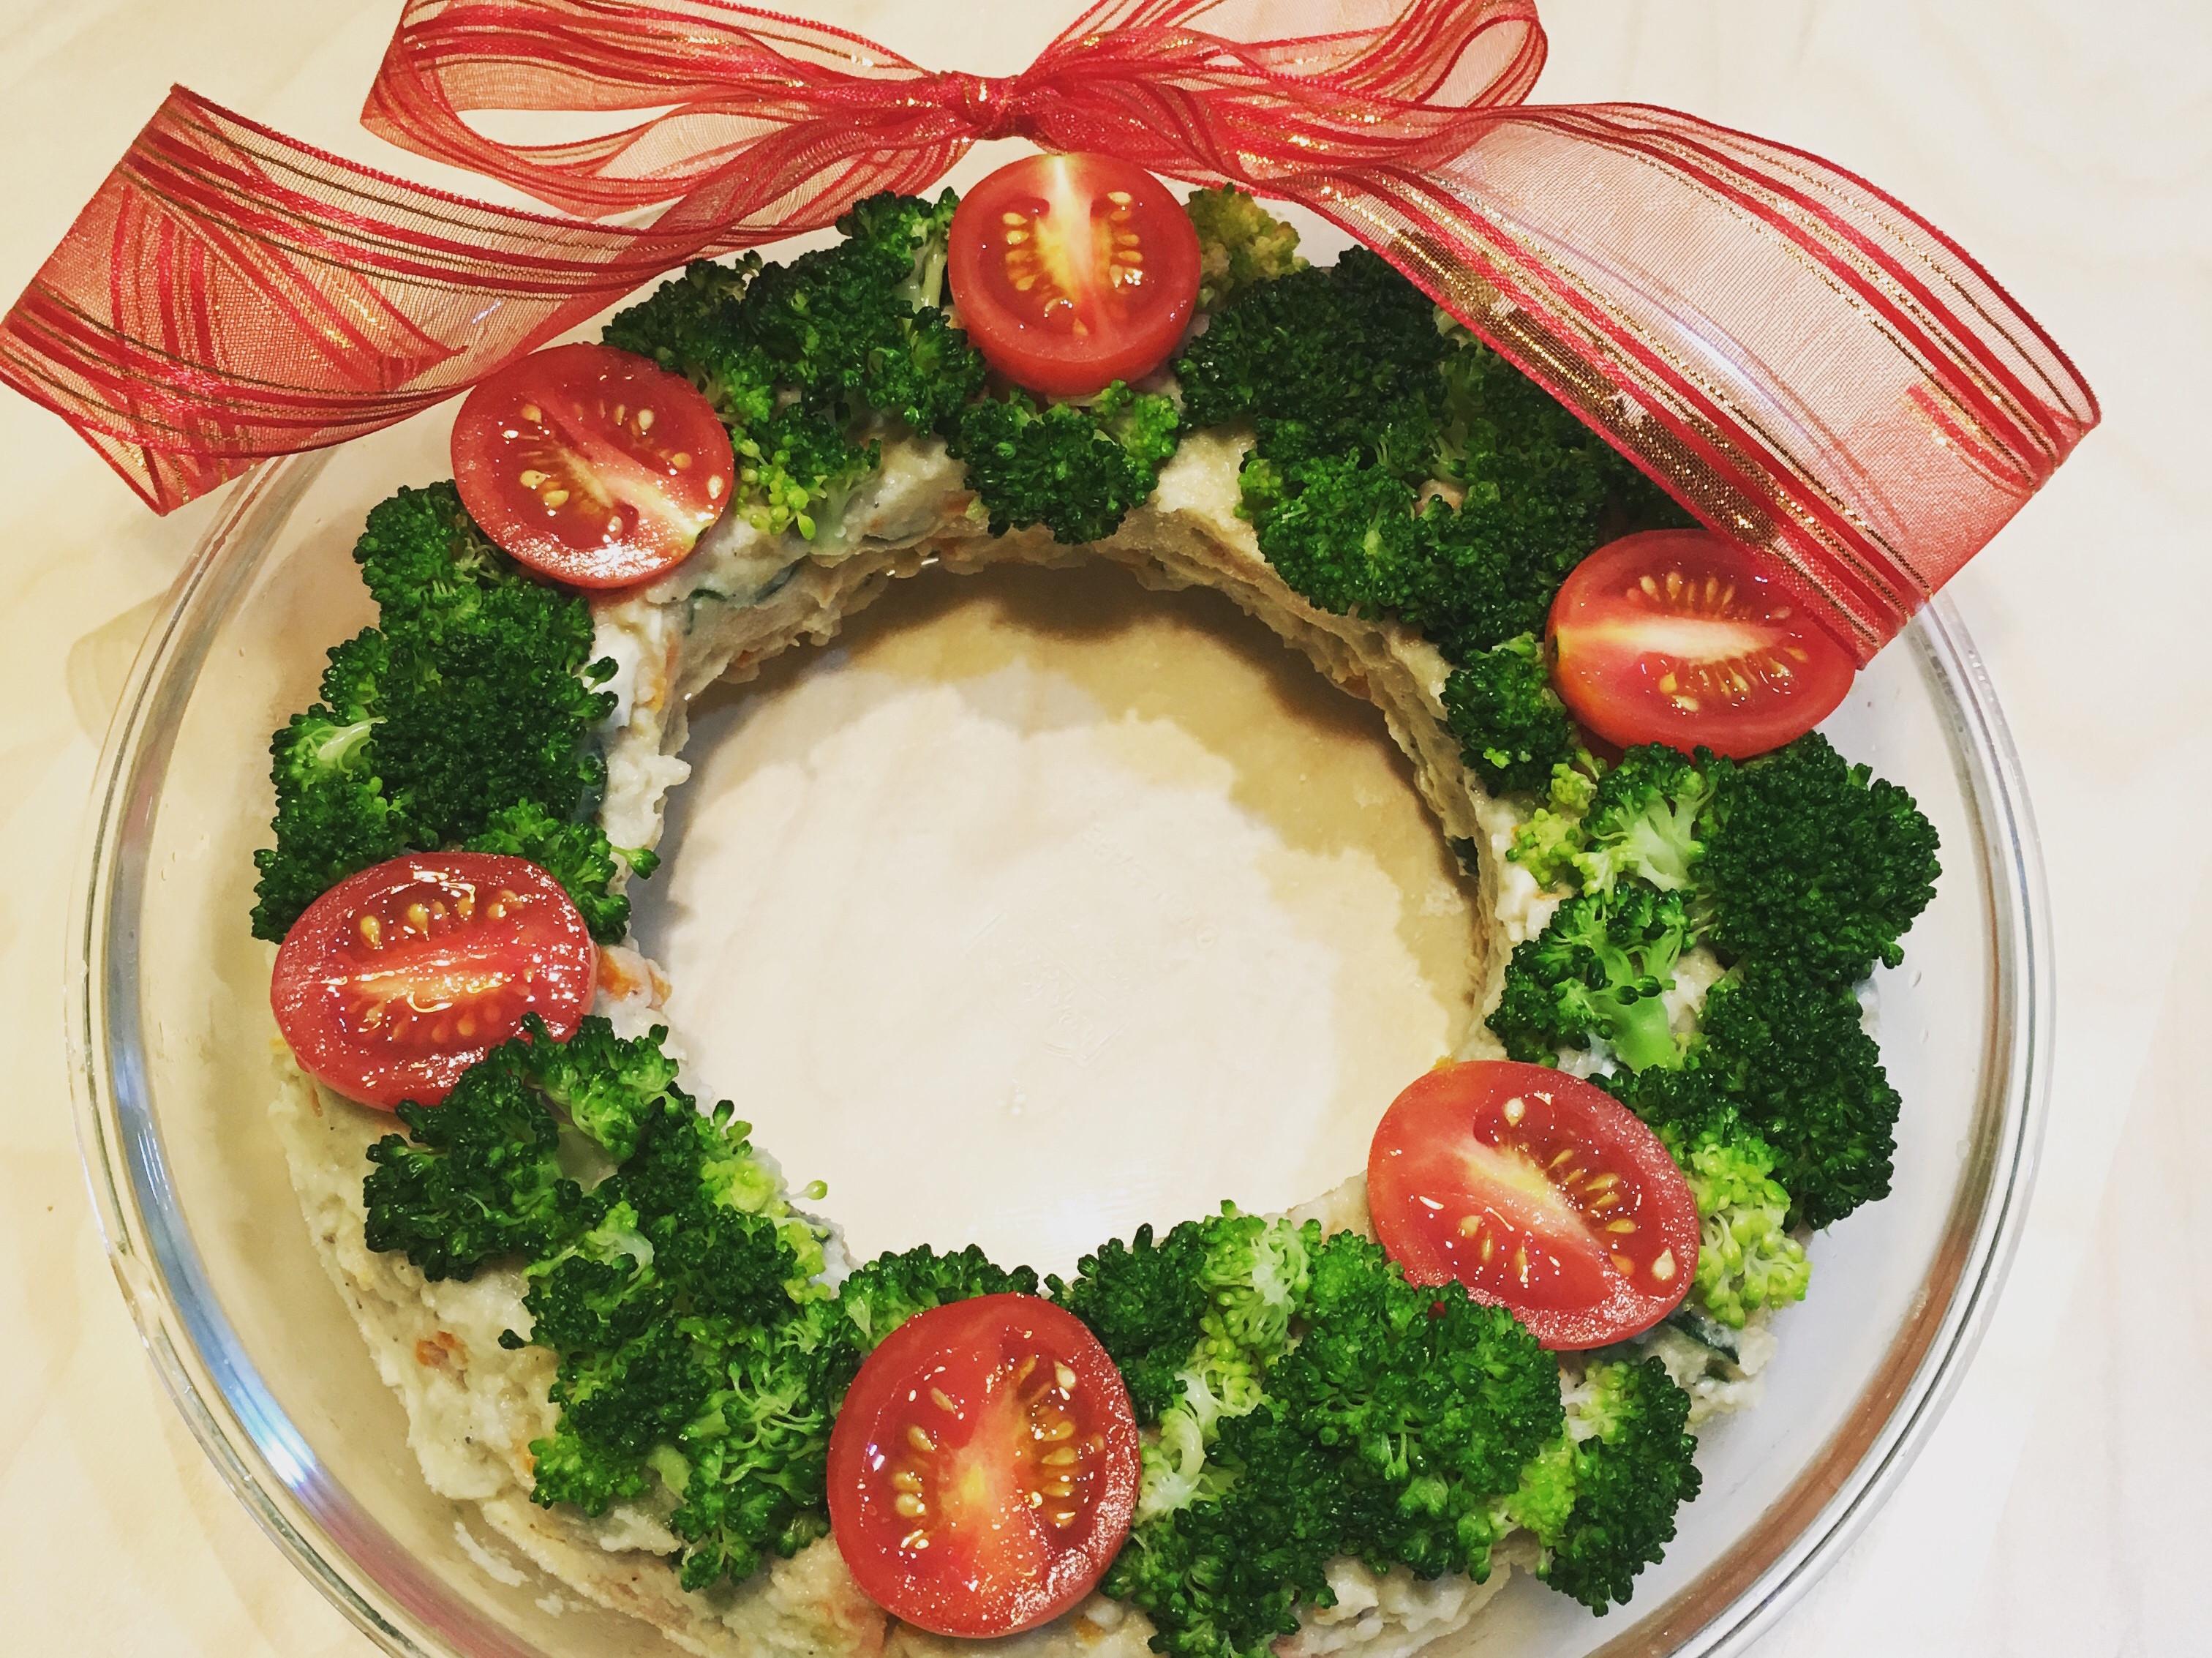 聖誕花圈馬鈴薯沙拉